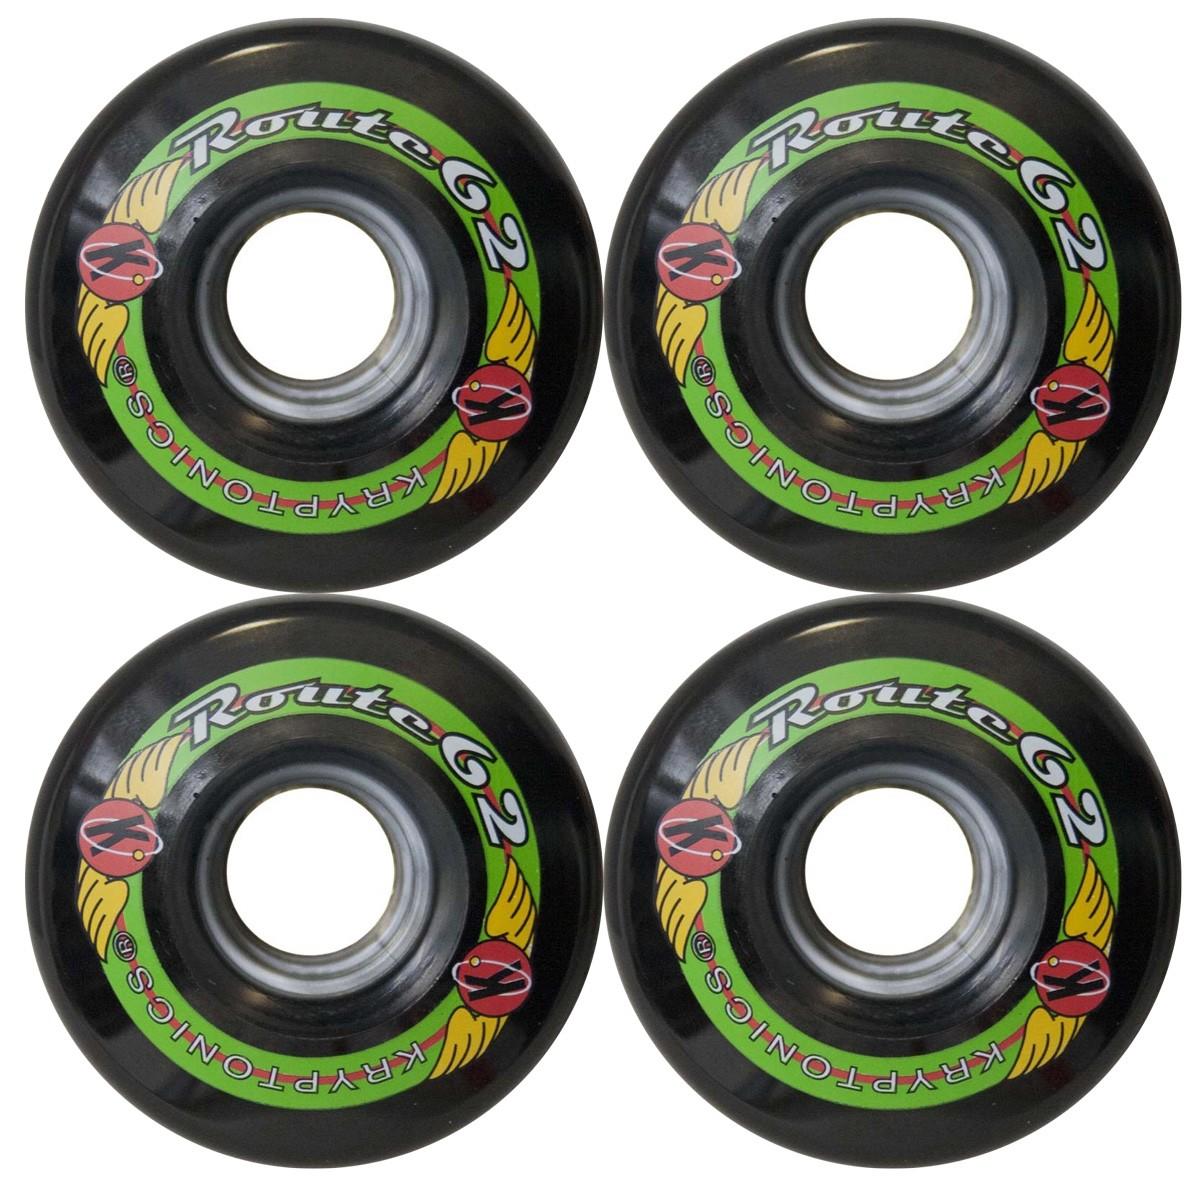 Kryptonics Route Longboard Wheels - 62mm / 78A